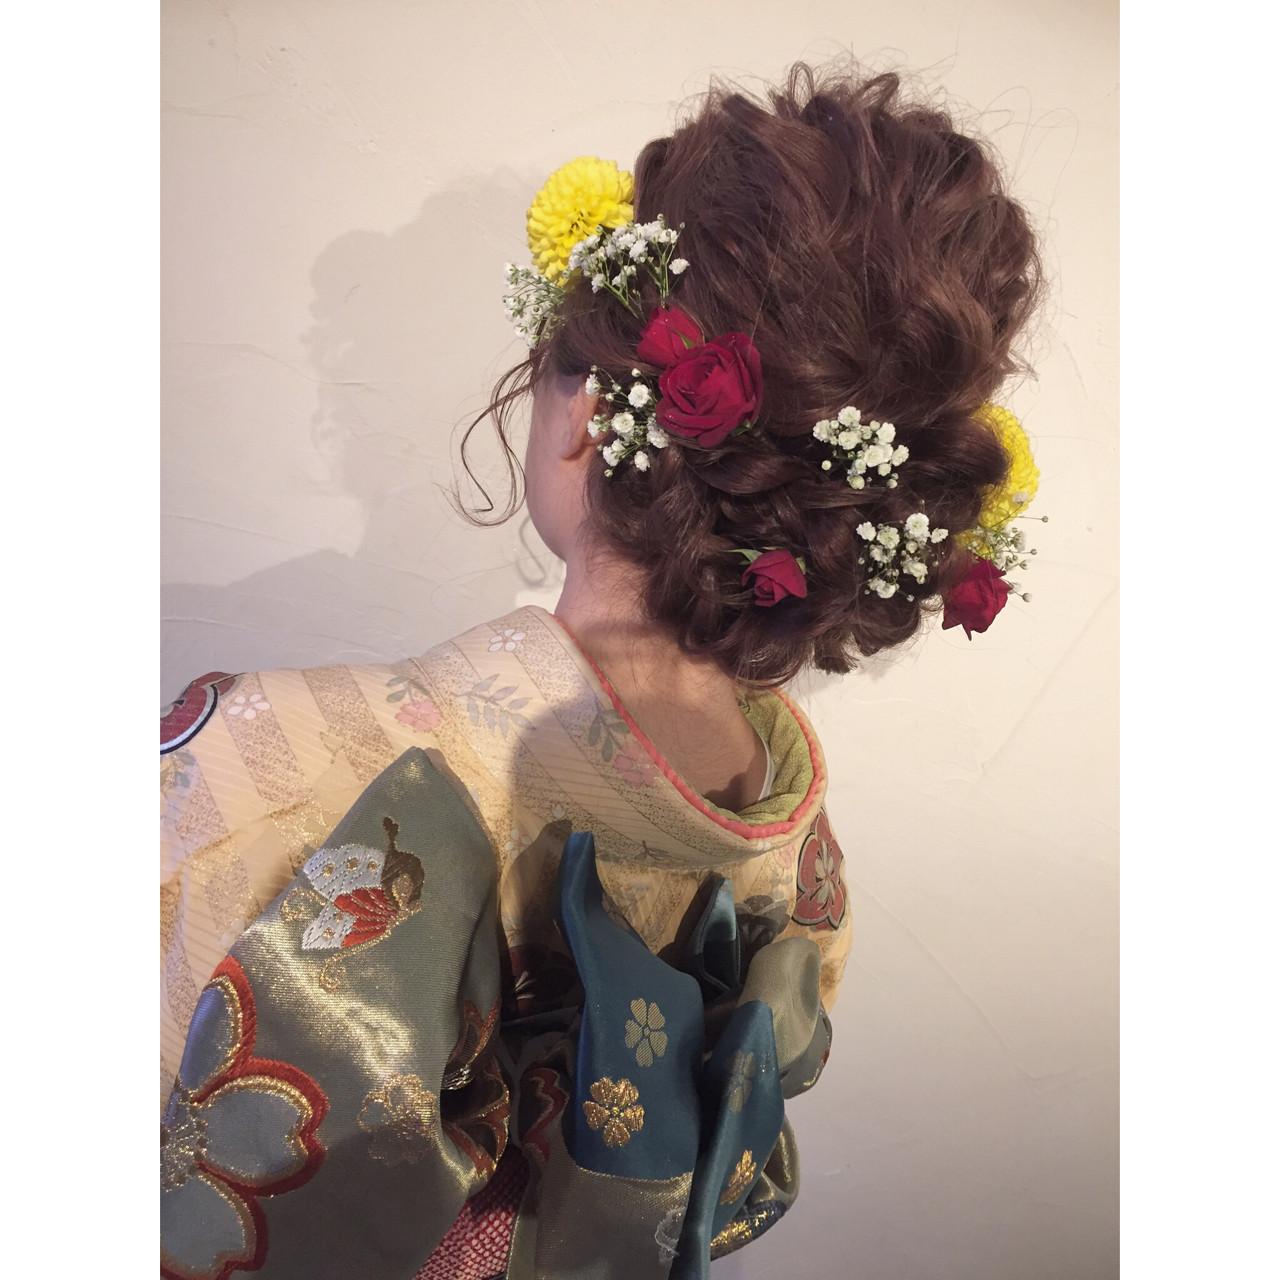 ヘアアレンジ まとめ髪 花 編み込み ヘアスタイルや髪型の写真・画像